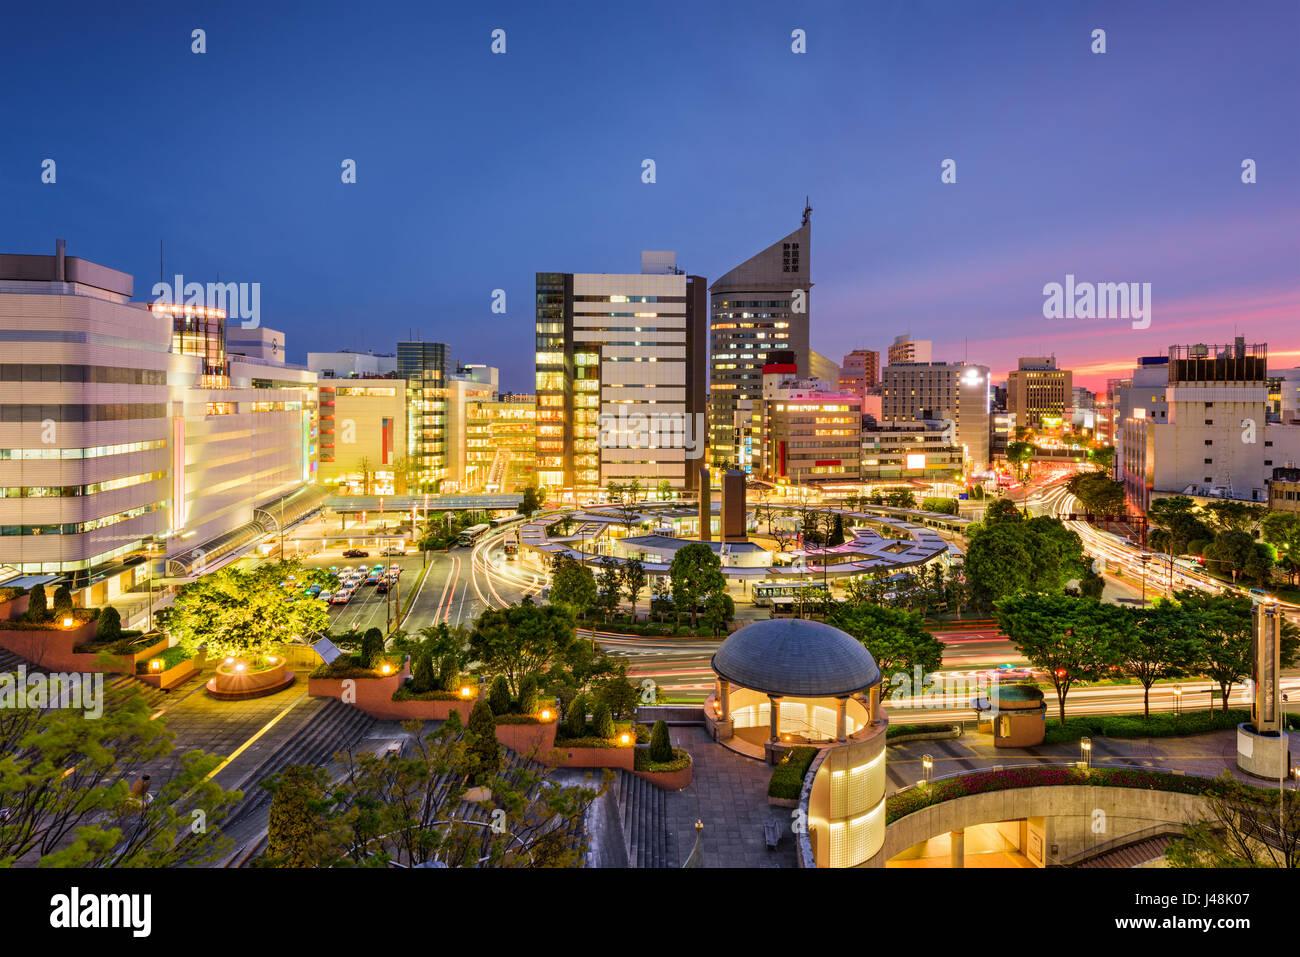 Hamamatsu au Japon sur les toits de la ville au crépuscule. Banque D'Images